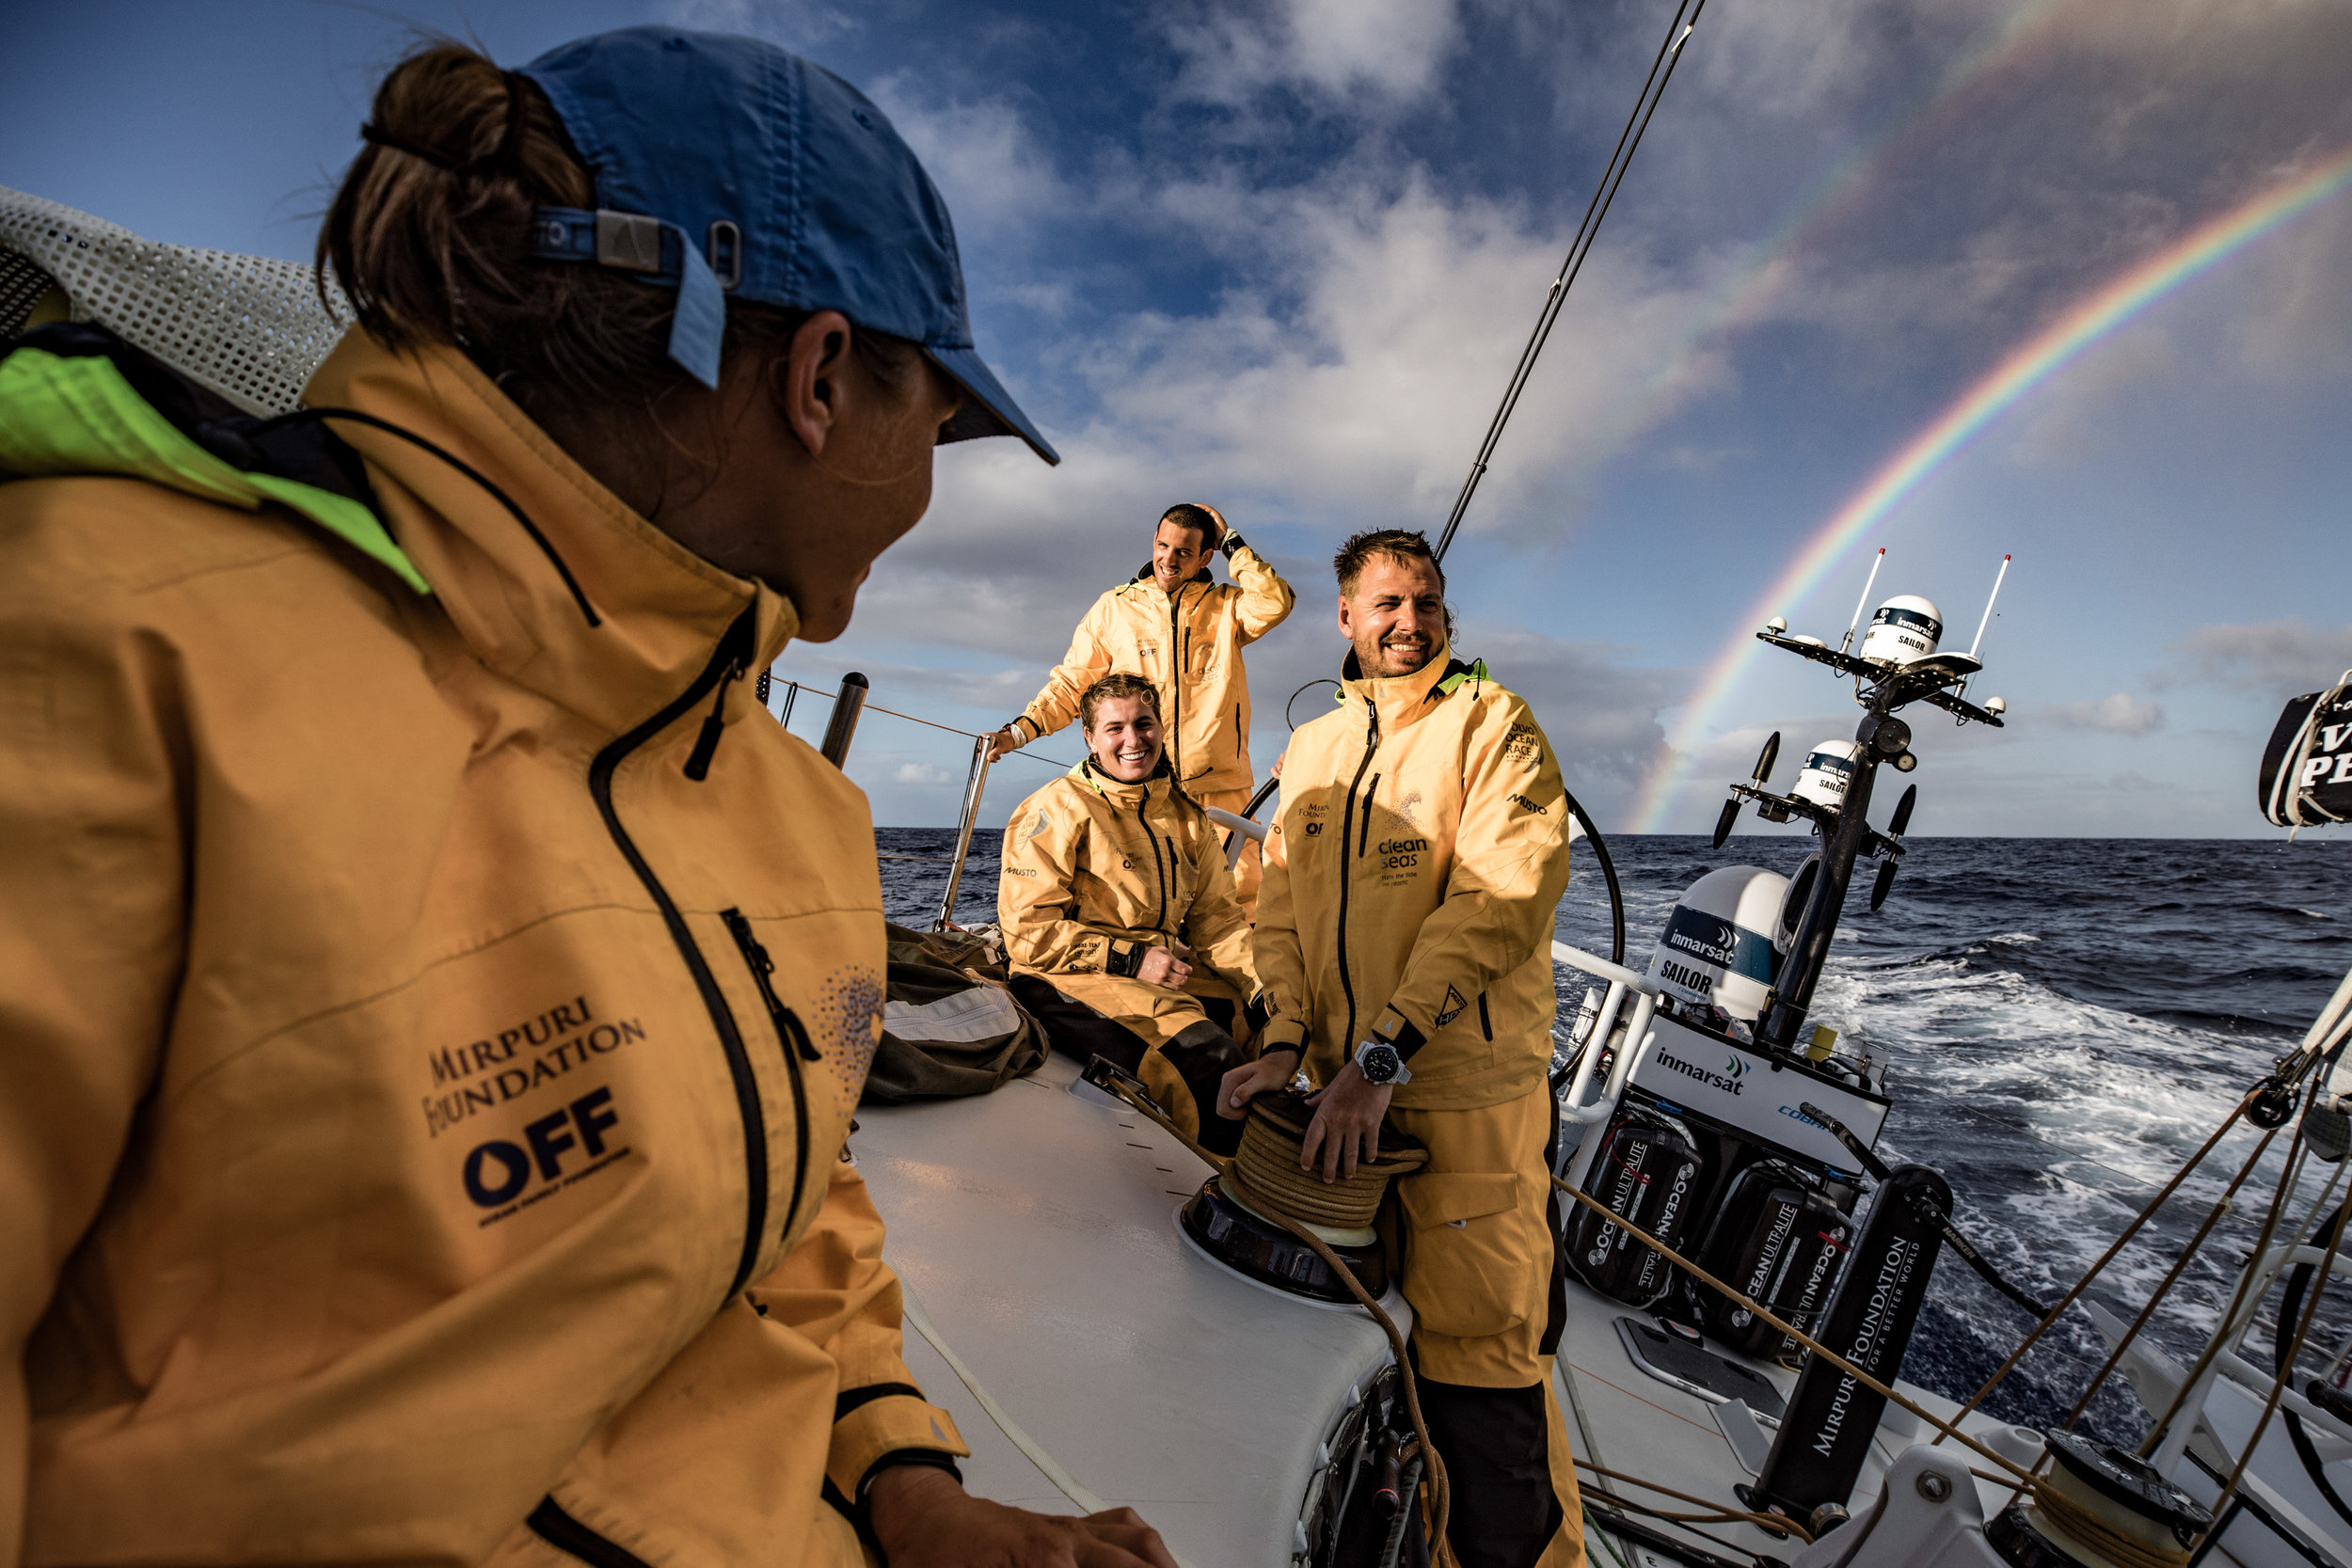 James Blake - Volvo Ocean Race